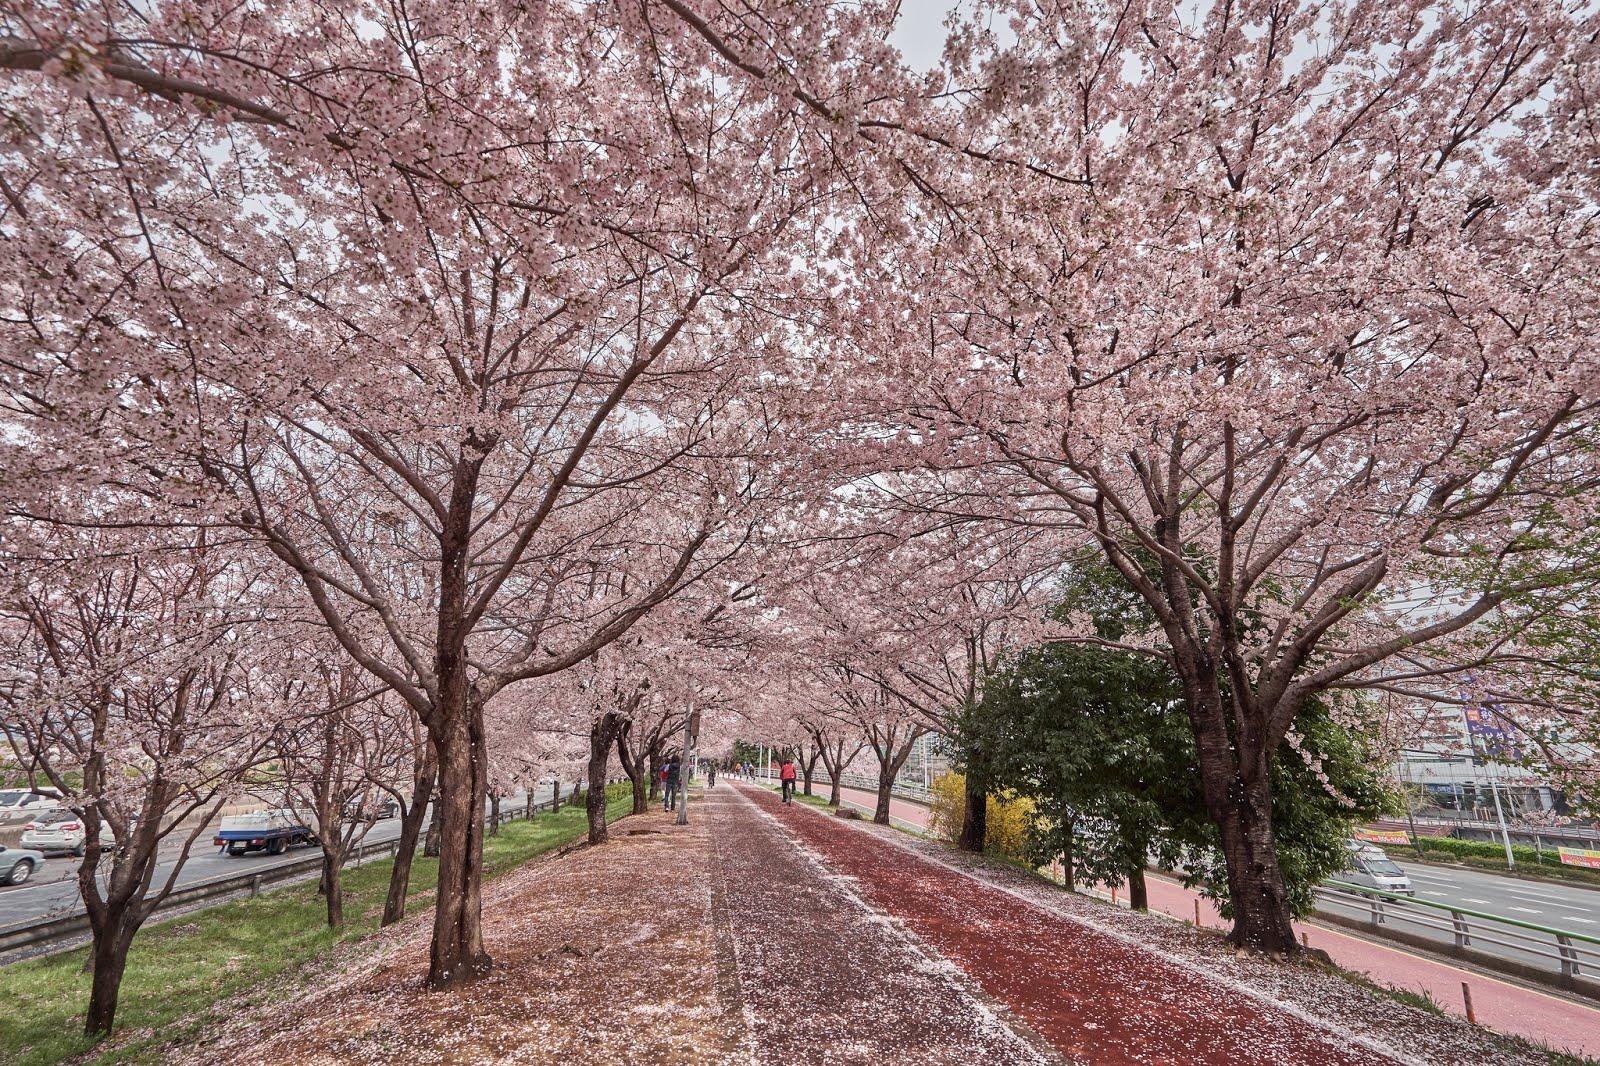 Di Korea Selatan Juga Ada Sakura Ini 6 Lokasi Yang Harus